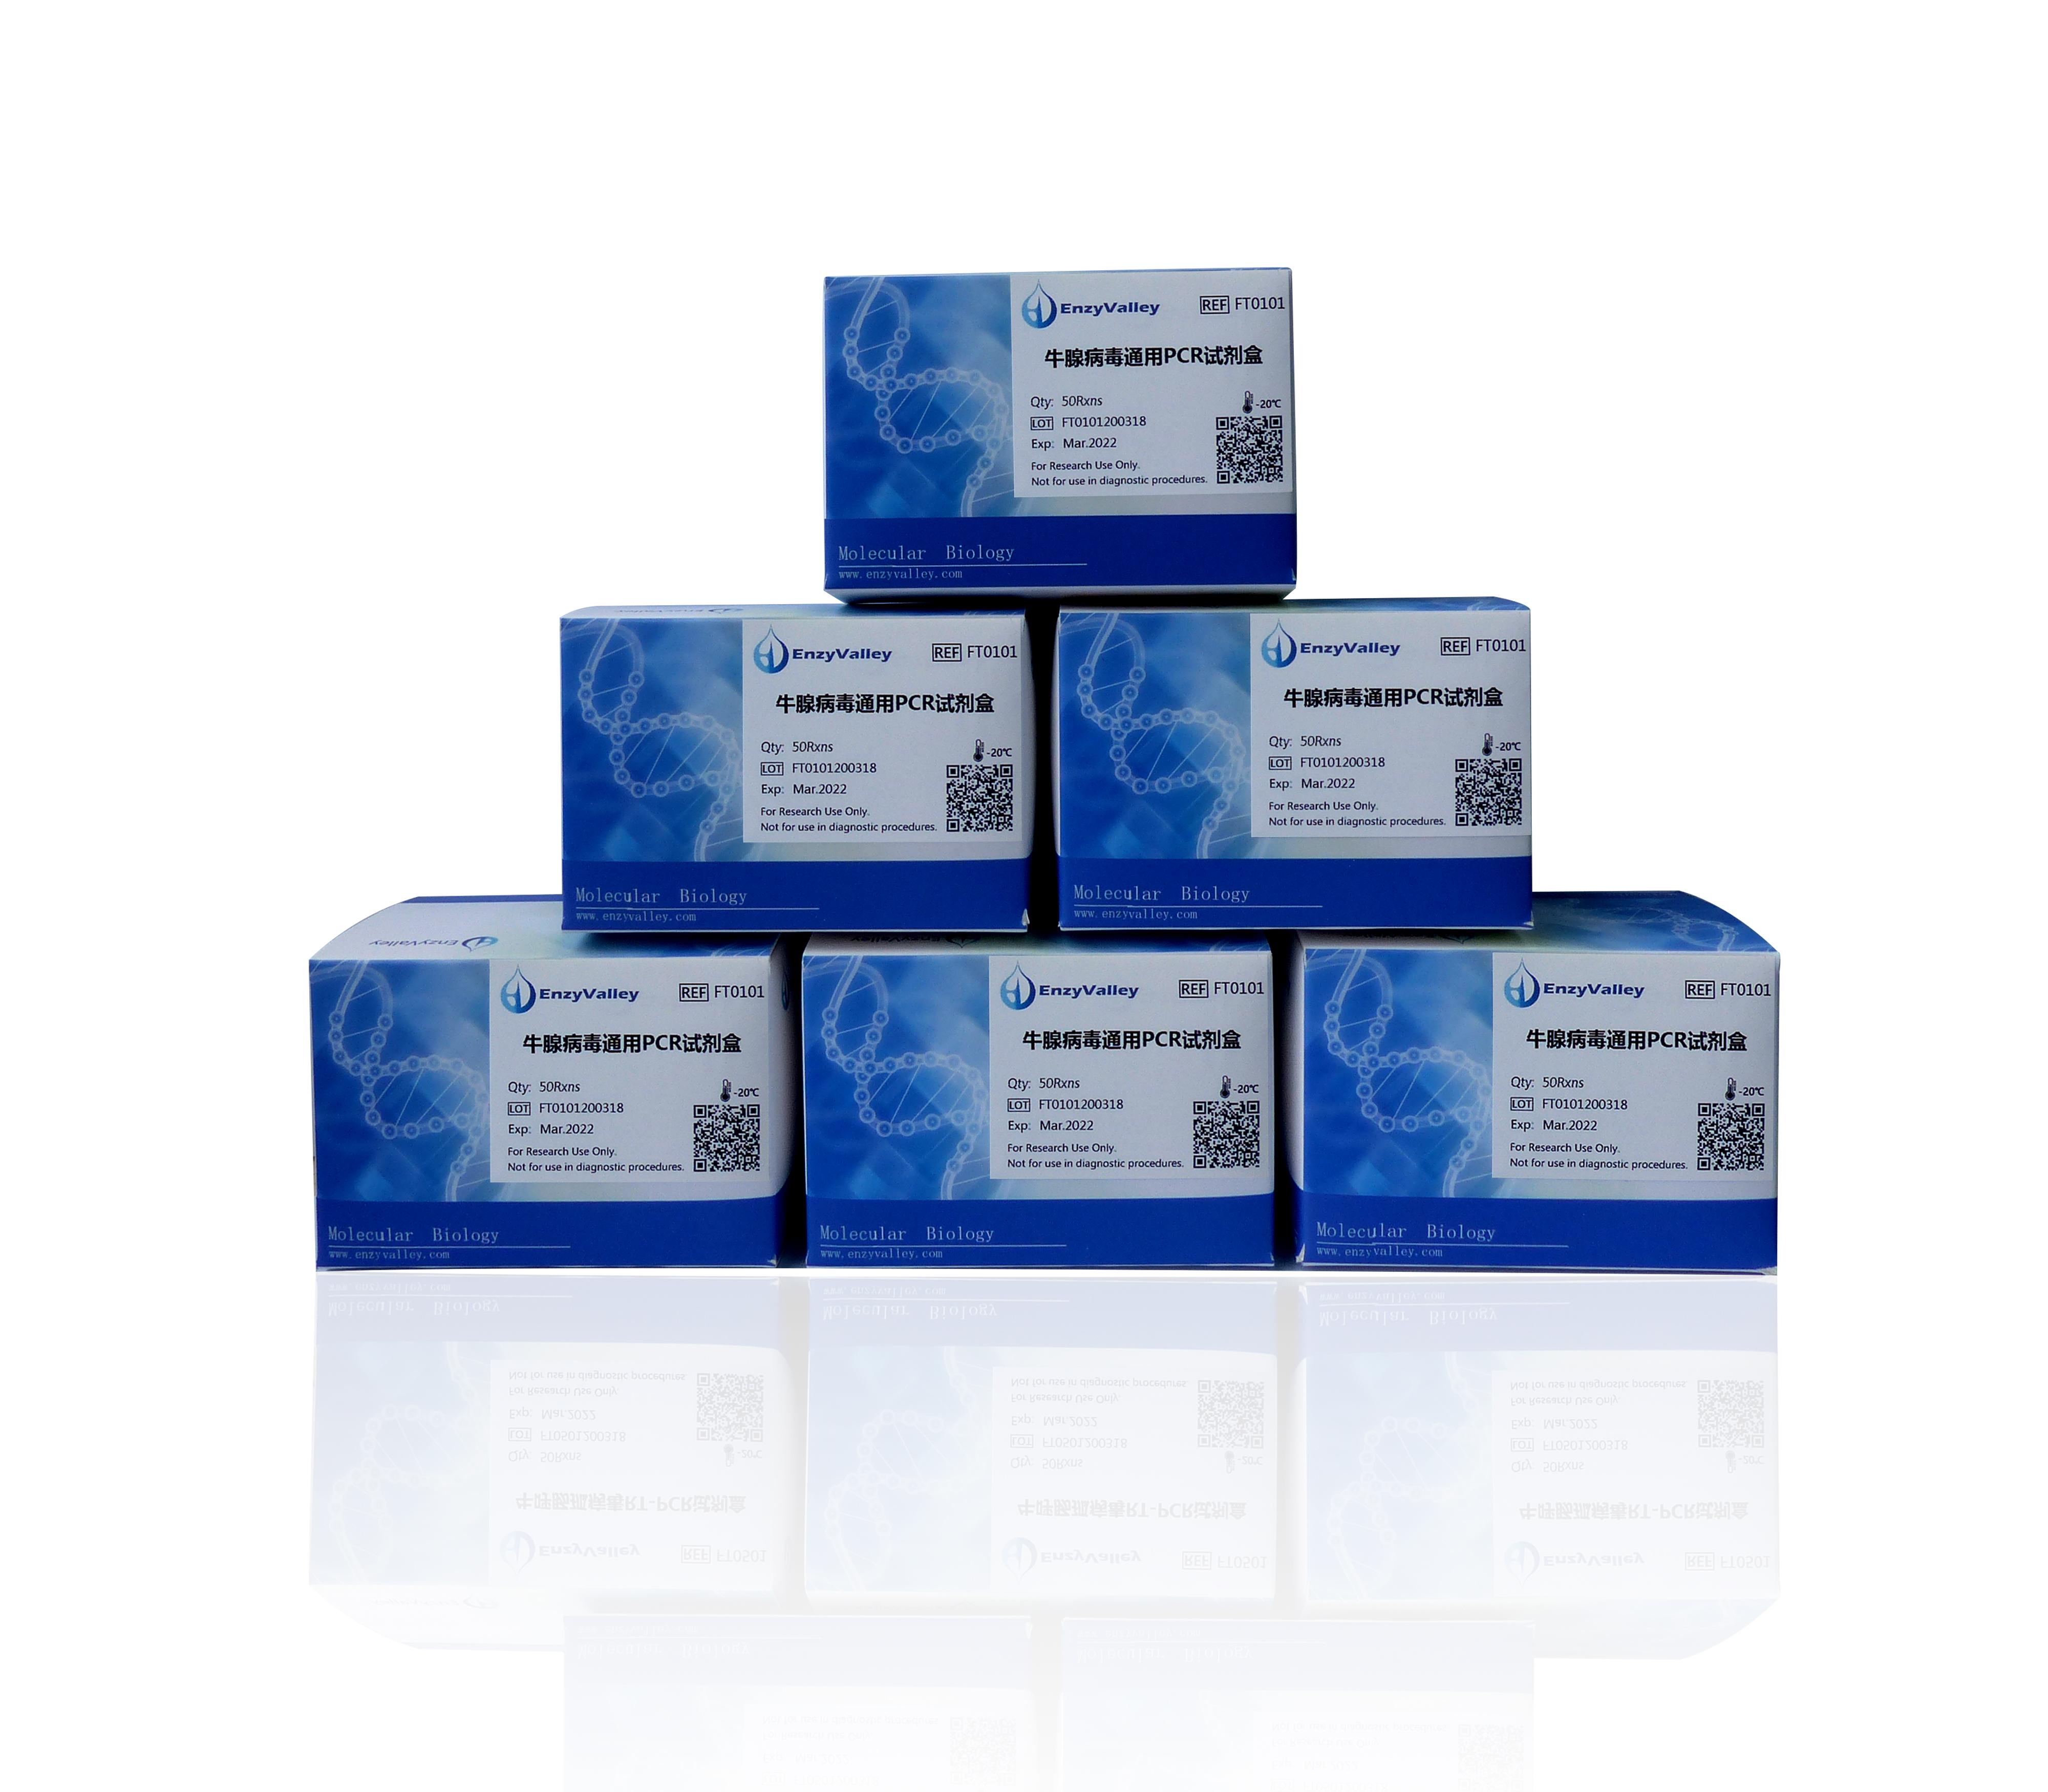 牛腺病毒通用PCR试剂盒